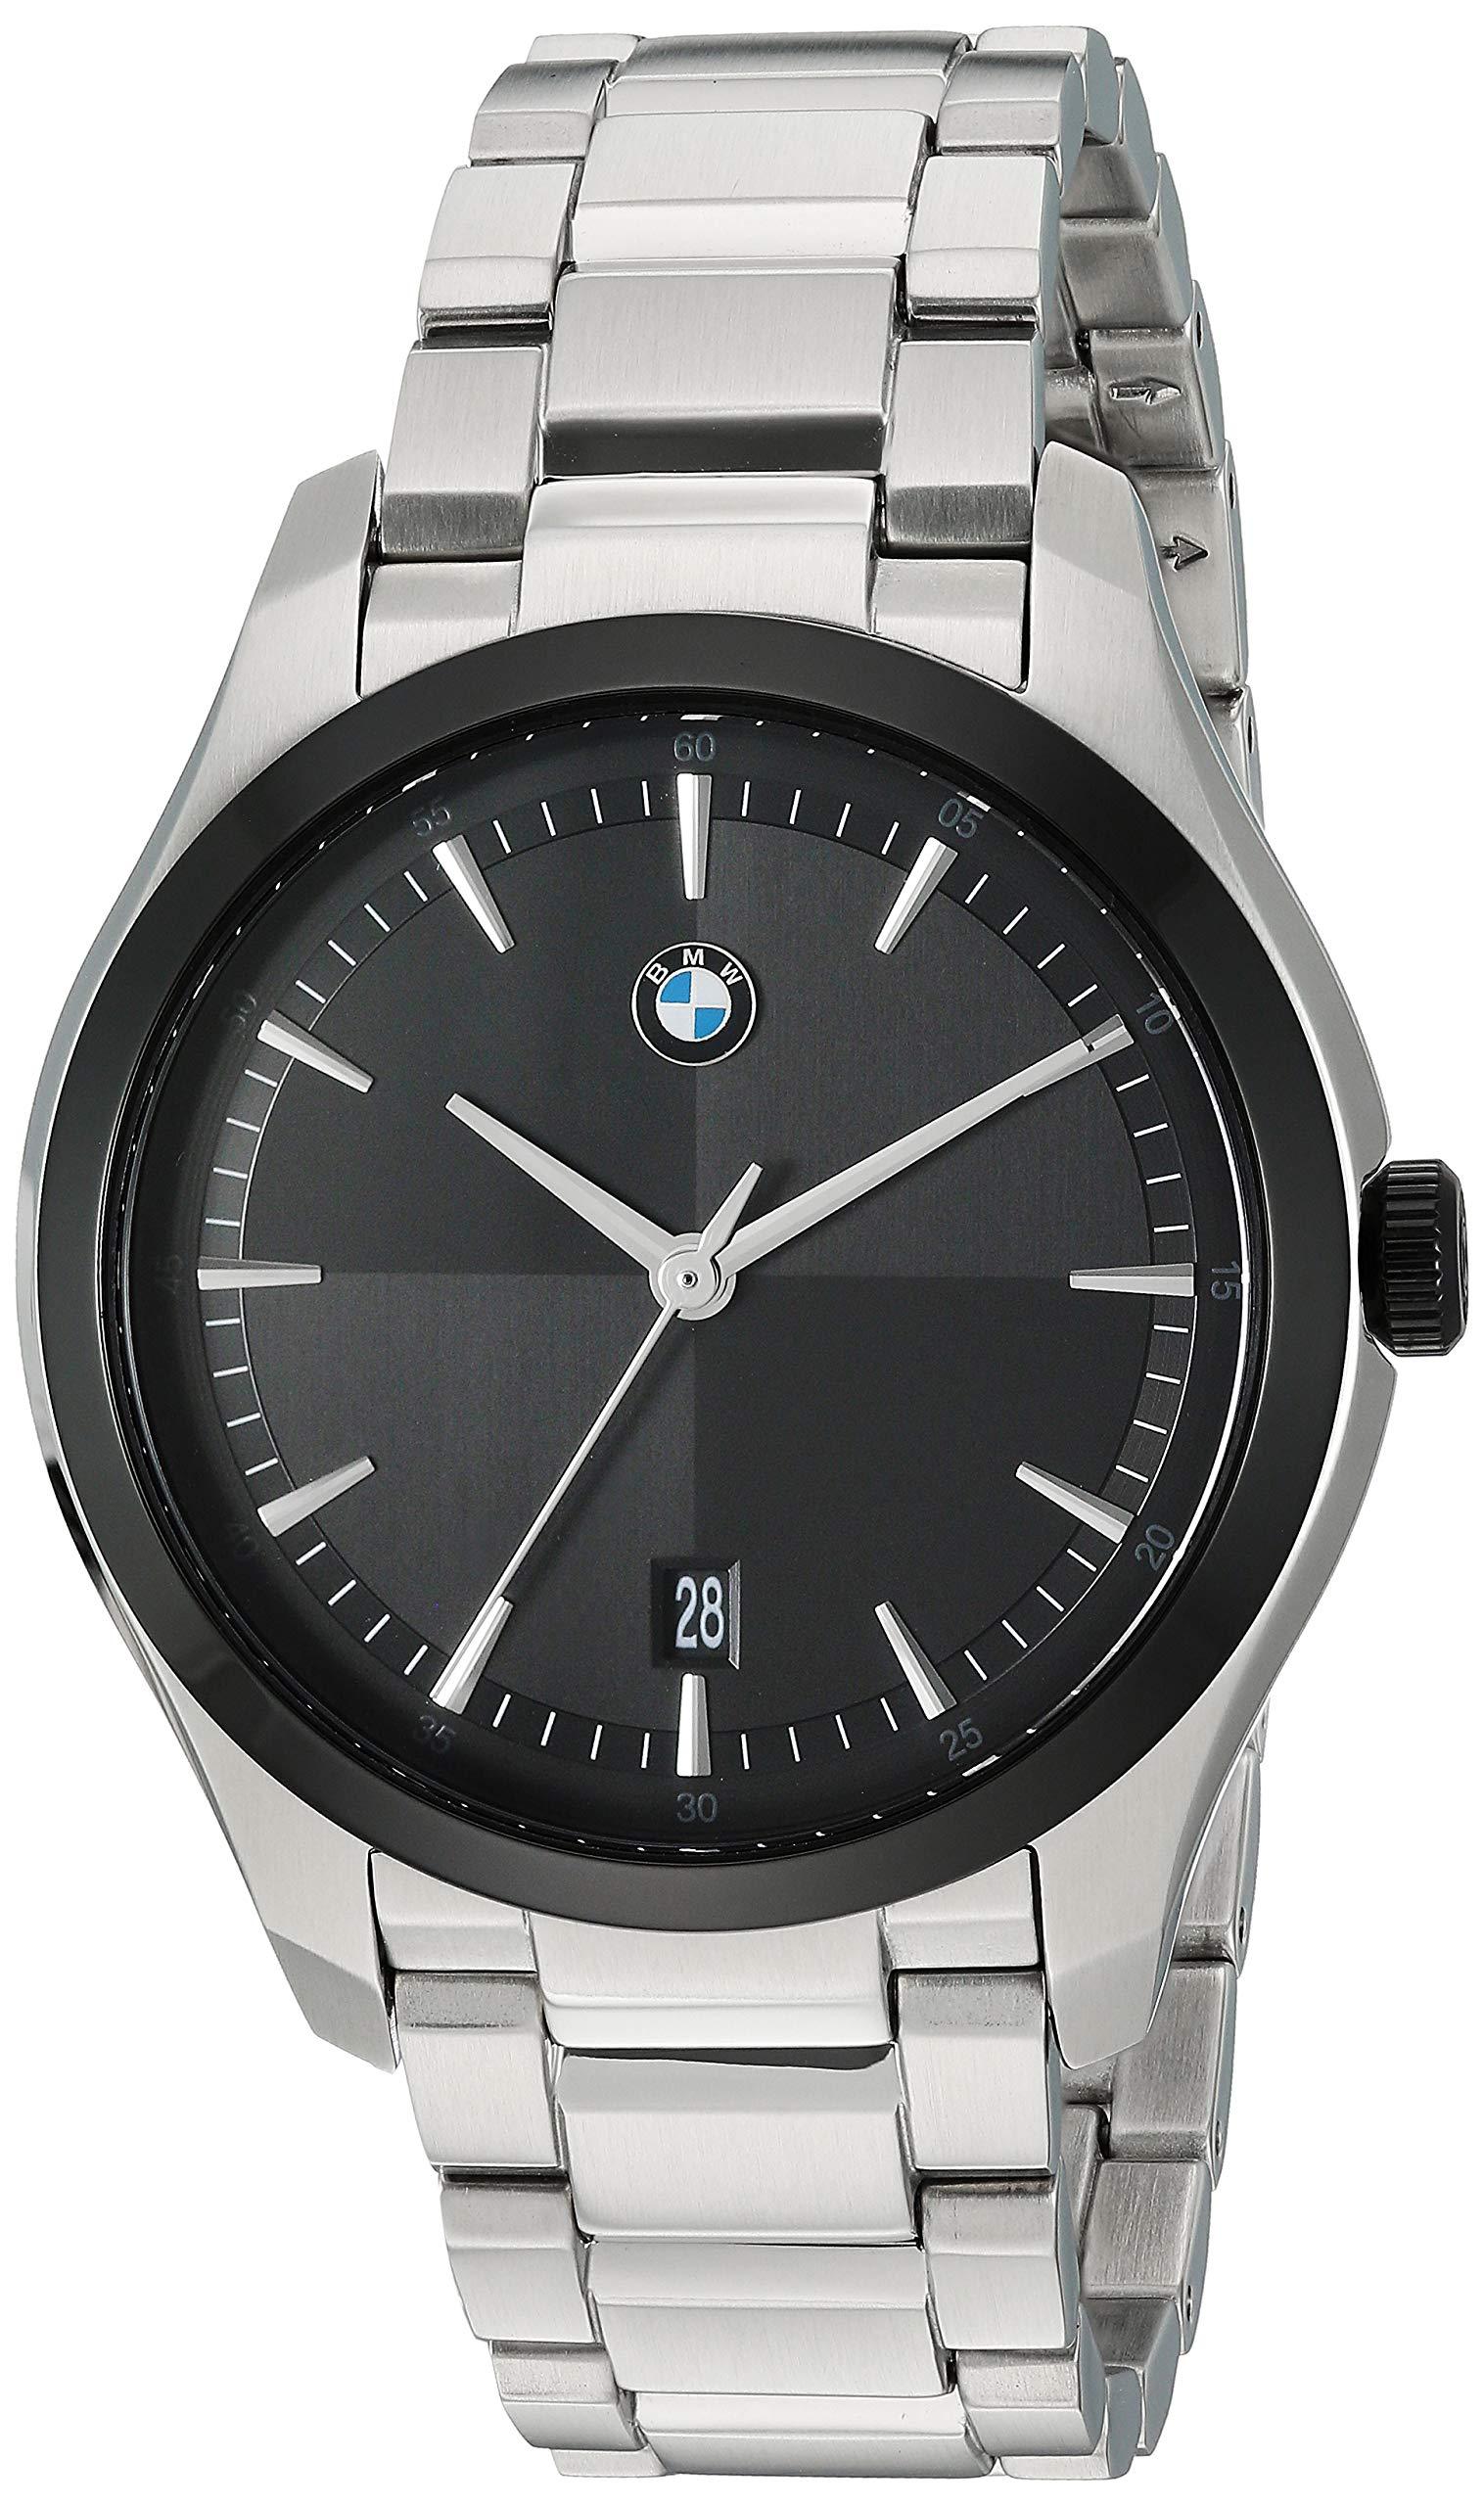 BMW Men's Three-Hand Quartz Movement Watch with Date Window